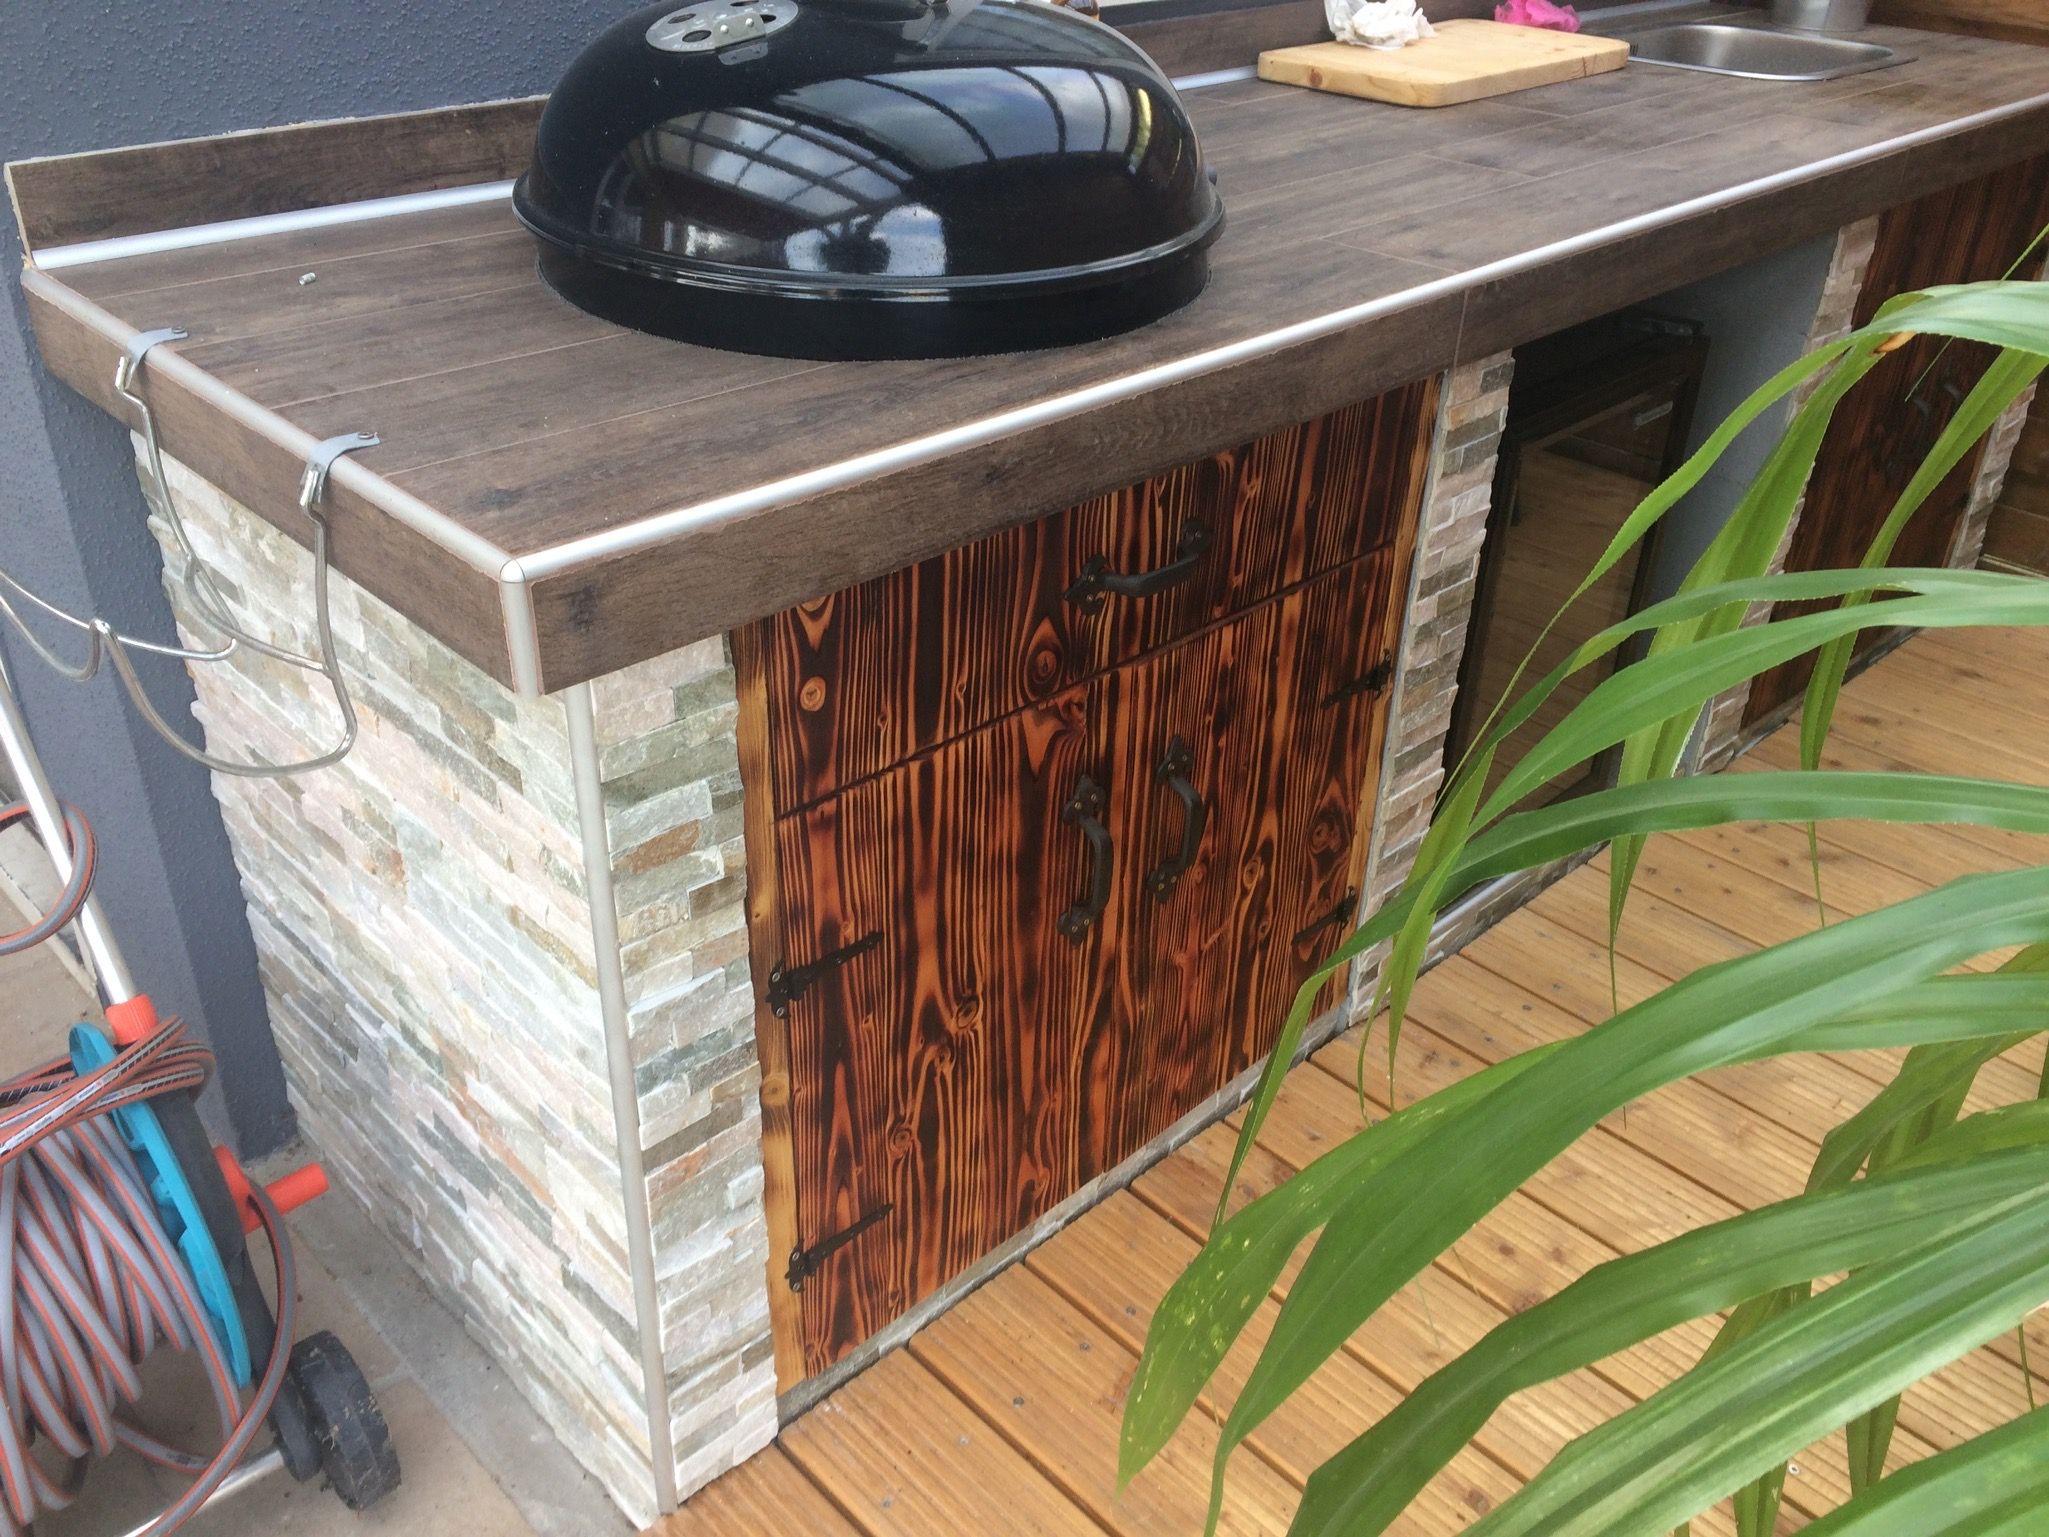 Outdoorküche Weber Usa : Outdoorküche weber usa best outdoorküche und grillzubehör images